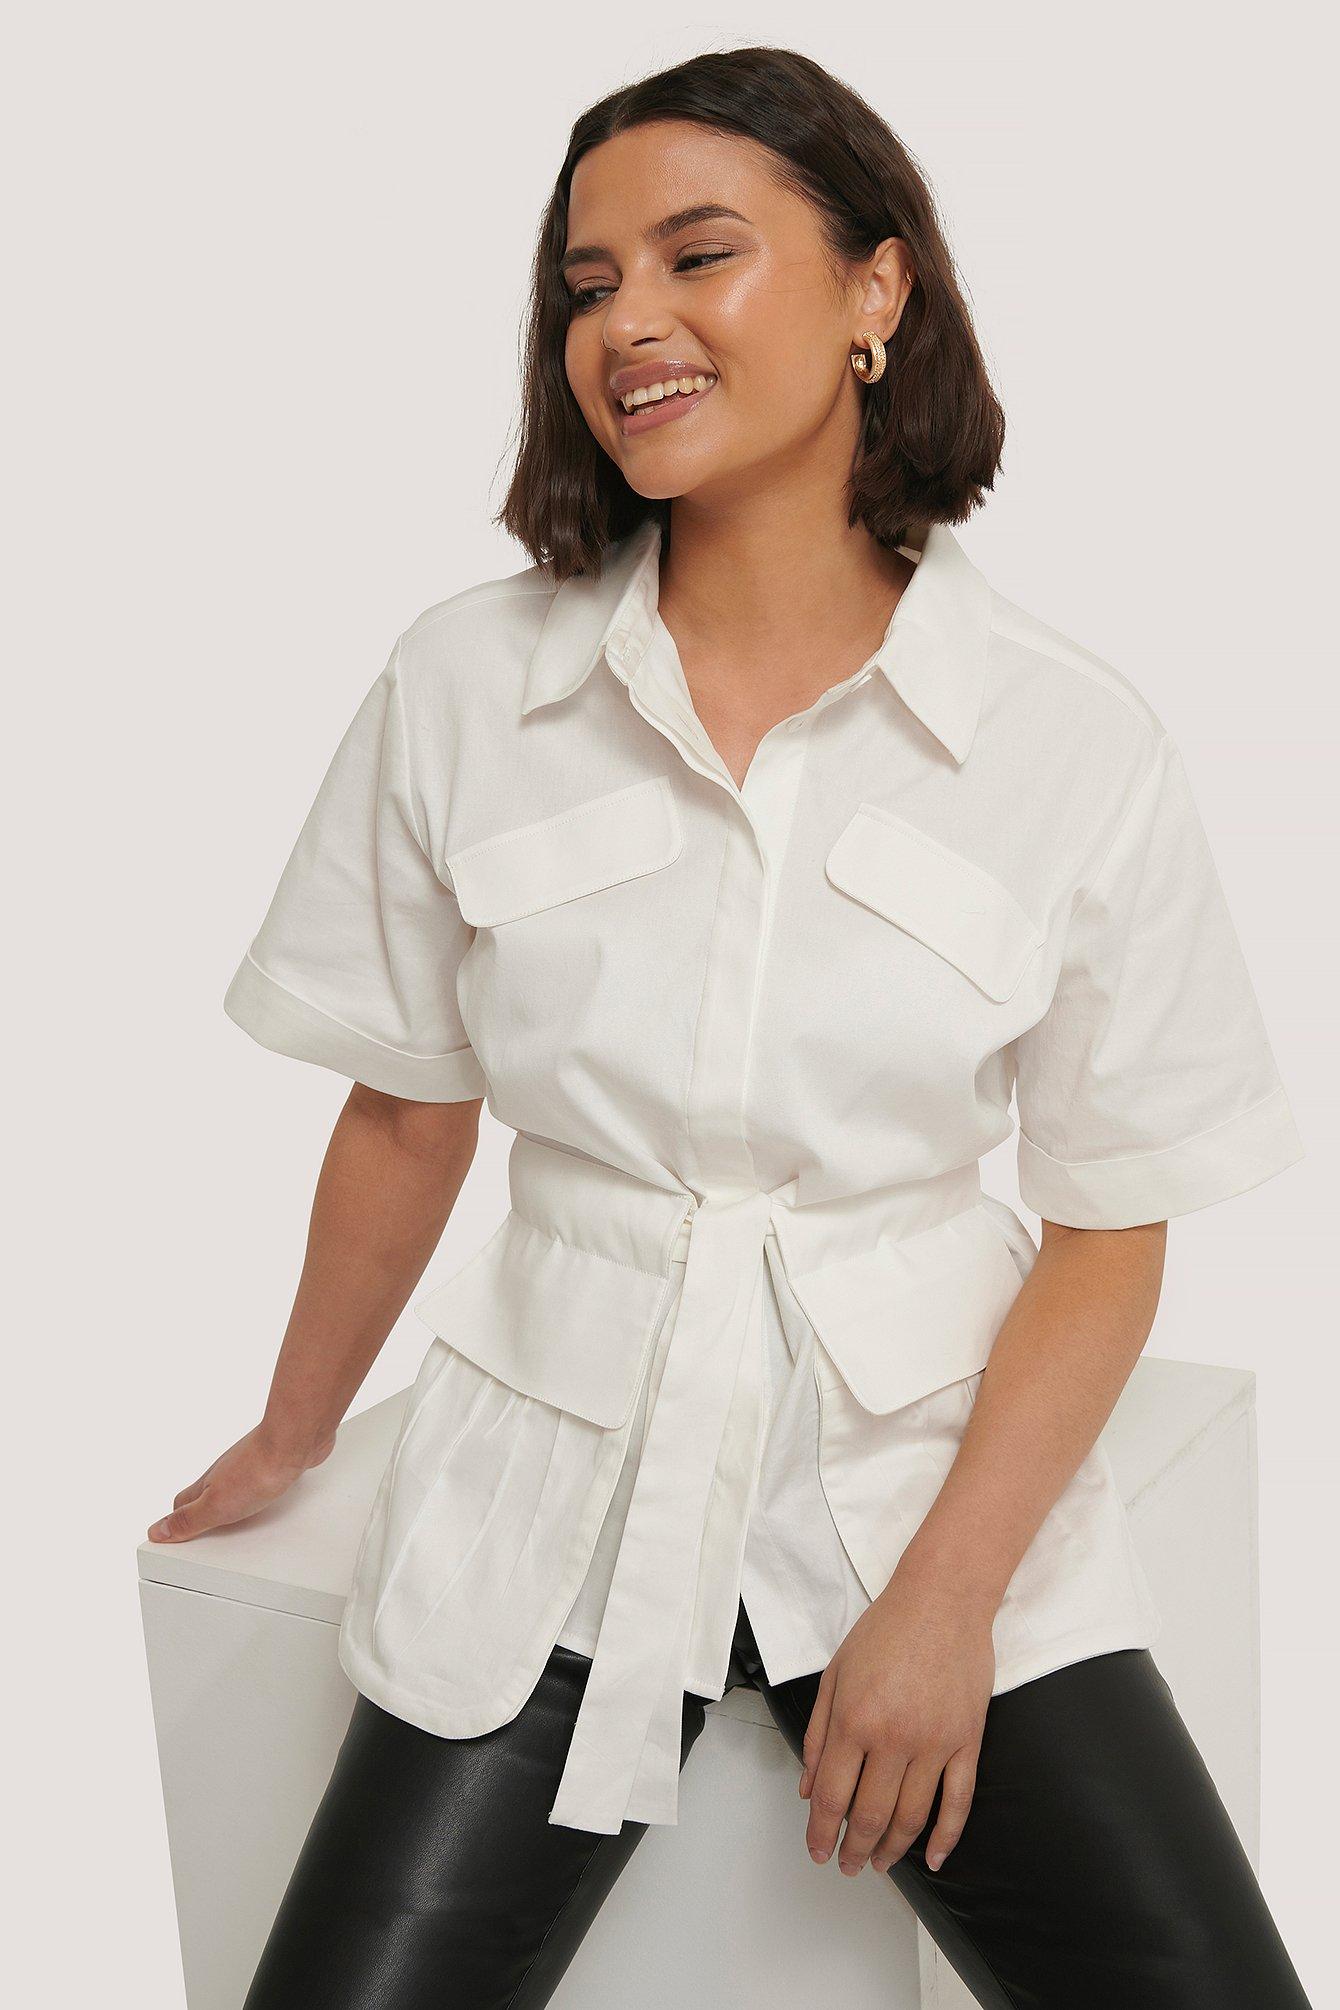 Chloé B x NA-KD Hemd Mit Tasche Und Bindung Vorne - White | Taschen > Handtaschen | Chloé B x NA-KD